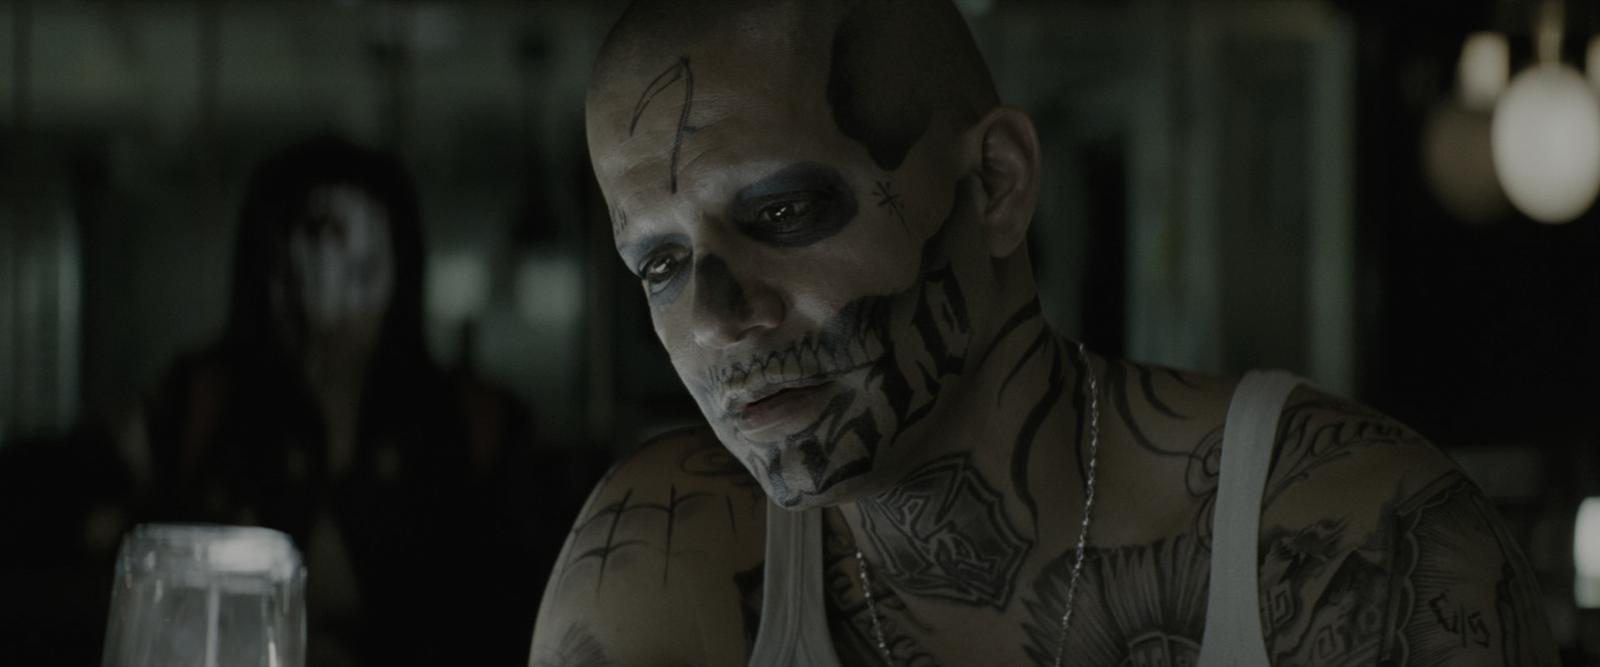 Escuadrón Suicida (2016) Theatrical 4K UHD [HDR] Latino-Castellano-Ingles captura 3